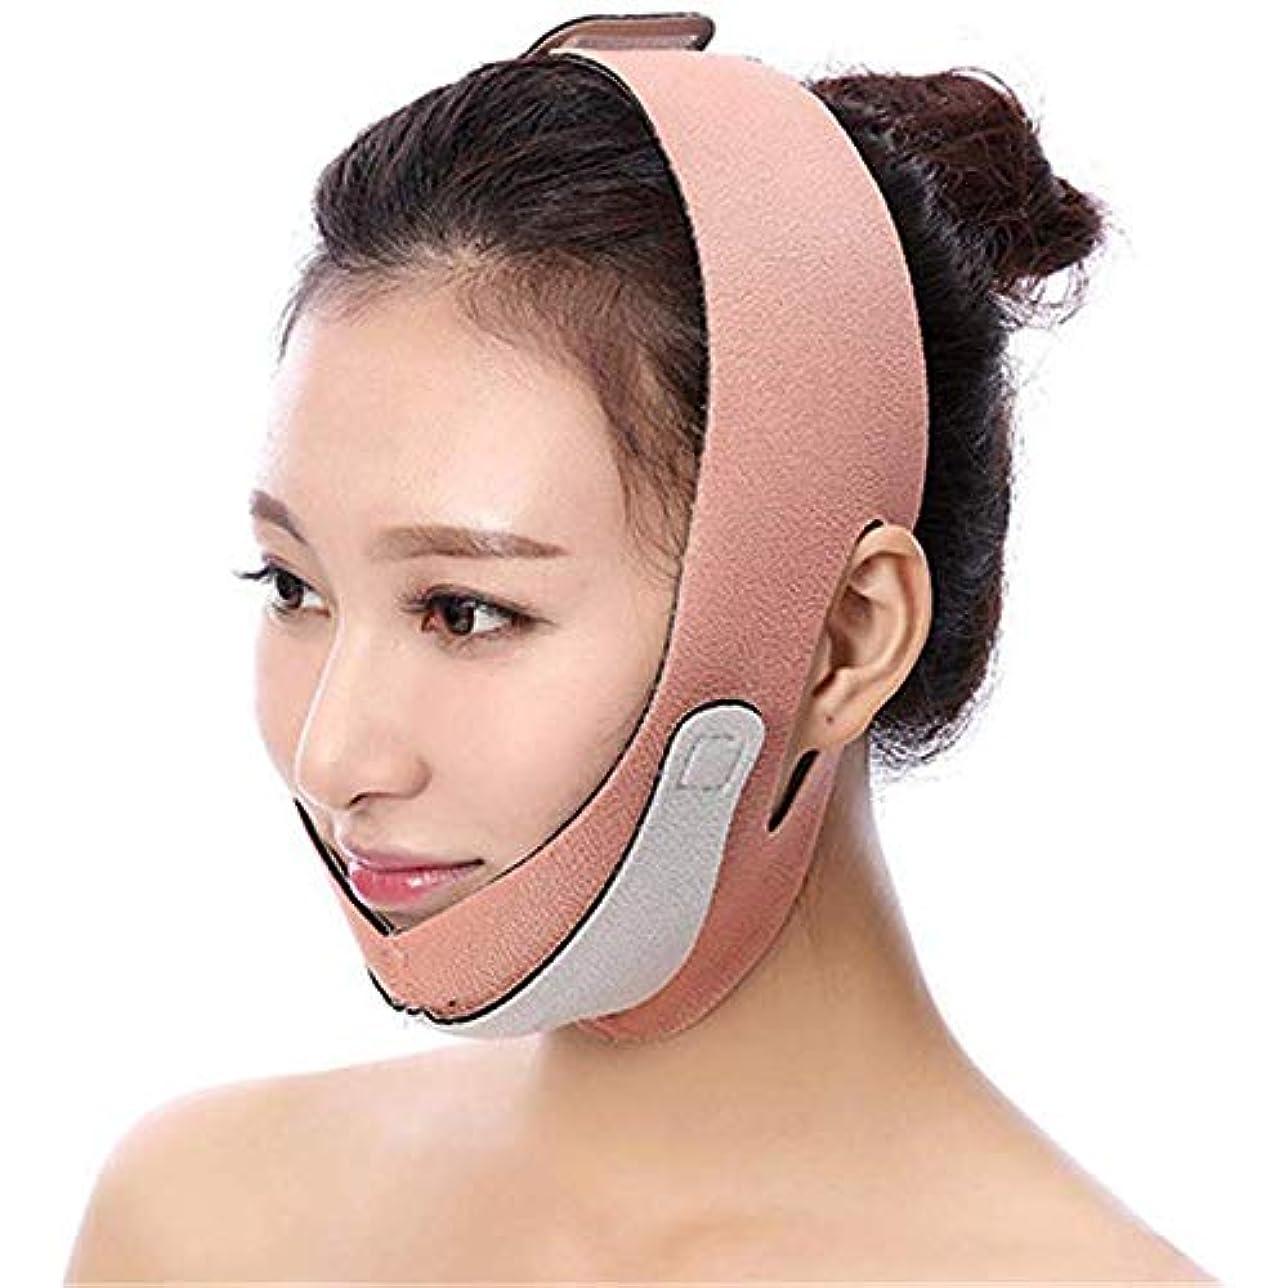 観光に行く腫瘍名義でWSJTT 顔のスリミングチンストラップ - チンをエイジングアンチフェイシャルマスクを持ち上げ - 皮膚のたるみ二重あごケア減量フェイスベルト、Vフェイスライン包帯ネックサポートフェイシャルリフトを排除